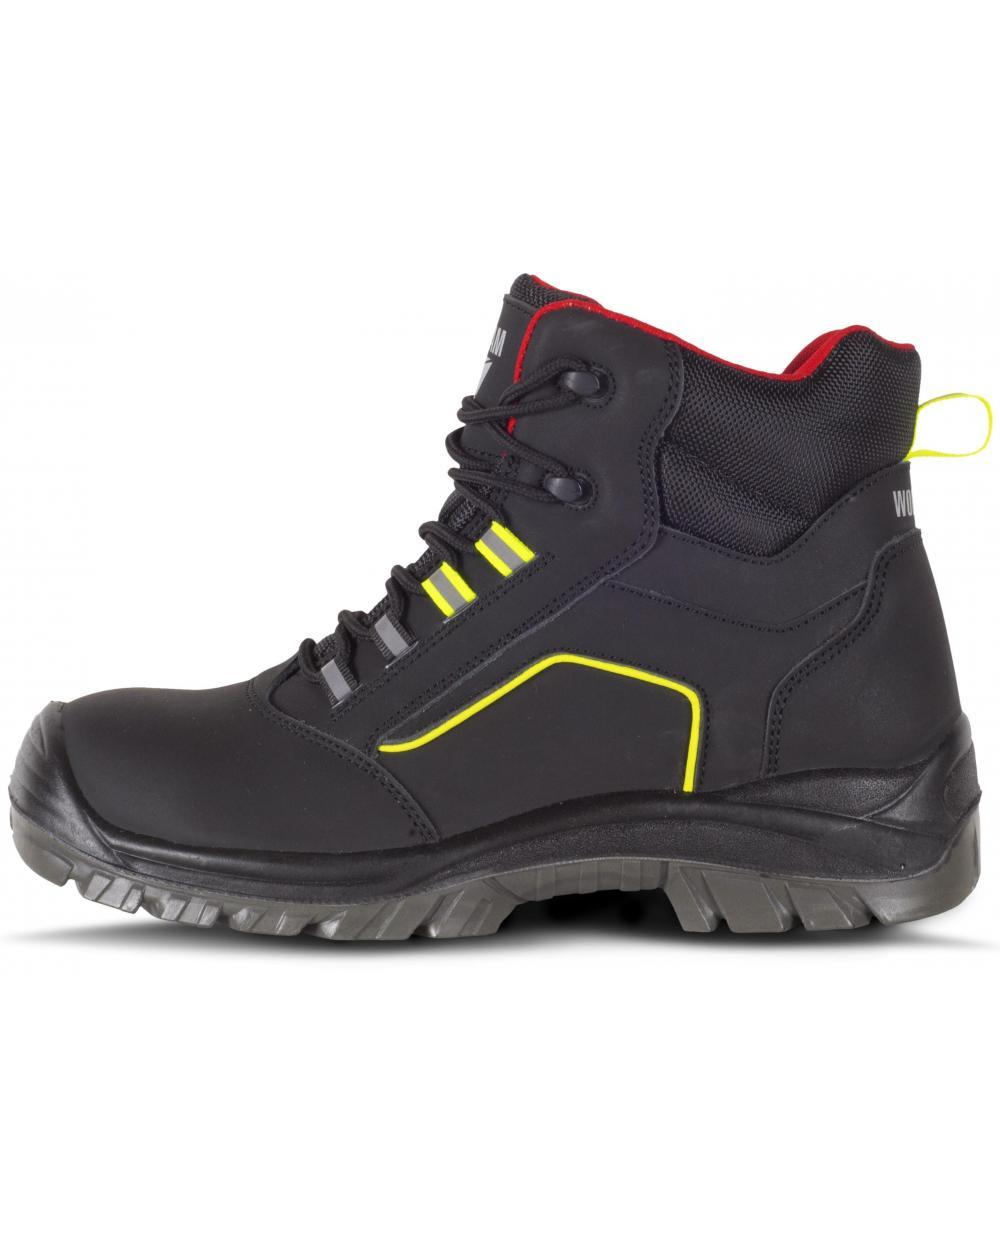 Comprar Botas de trabajo libres de metal S3 P2901 Negro+Rojo+Amarillo AV workteam 1